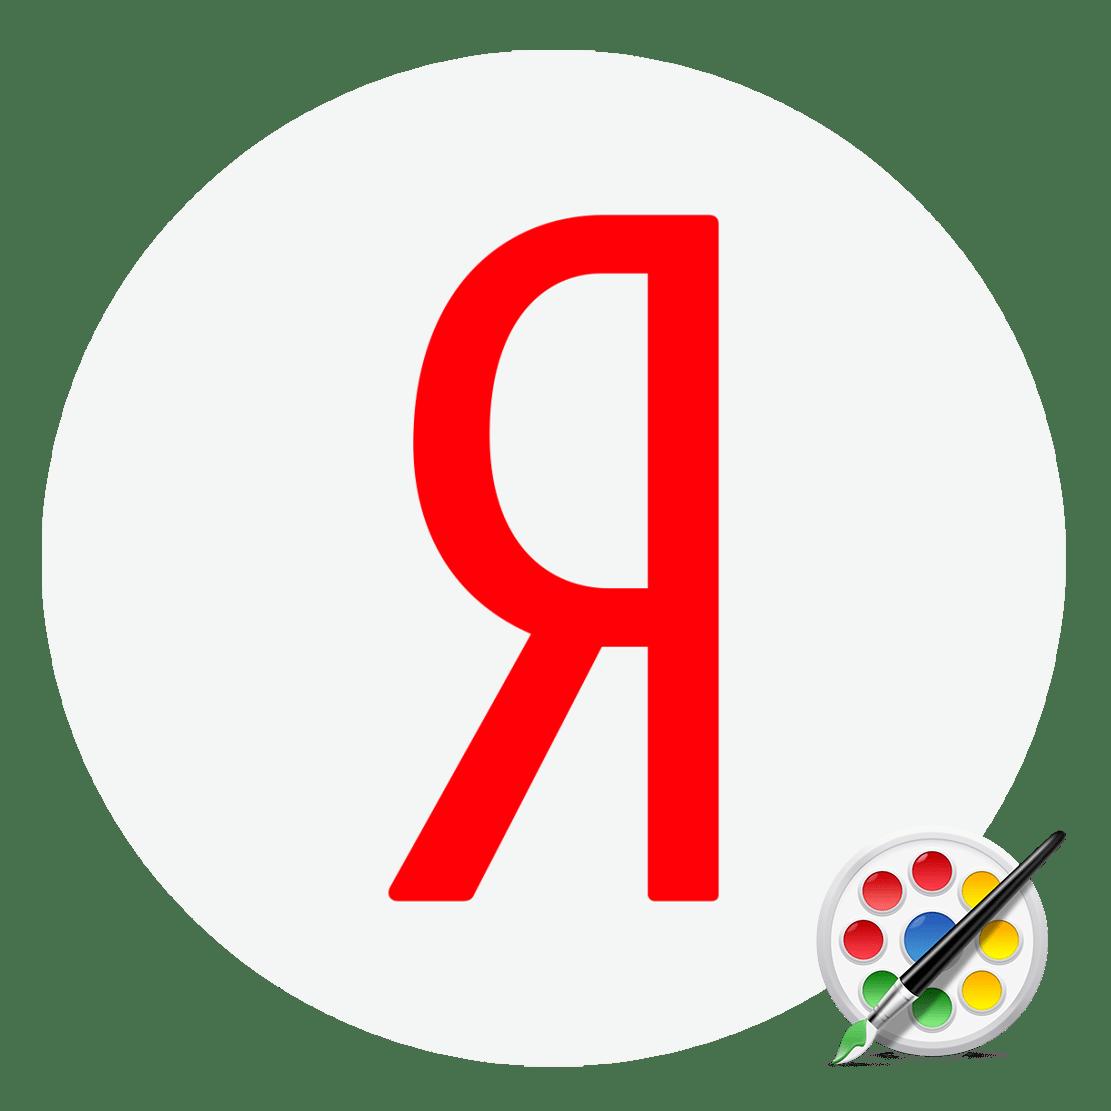 Как поменять тему для главной страницы Яндекса